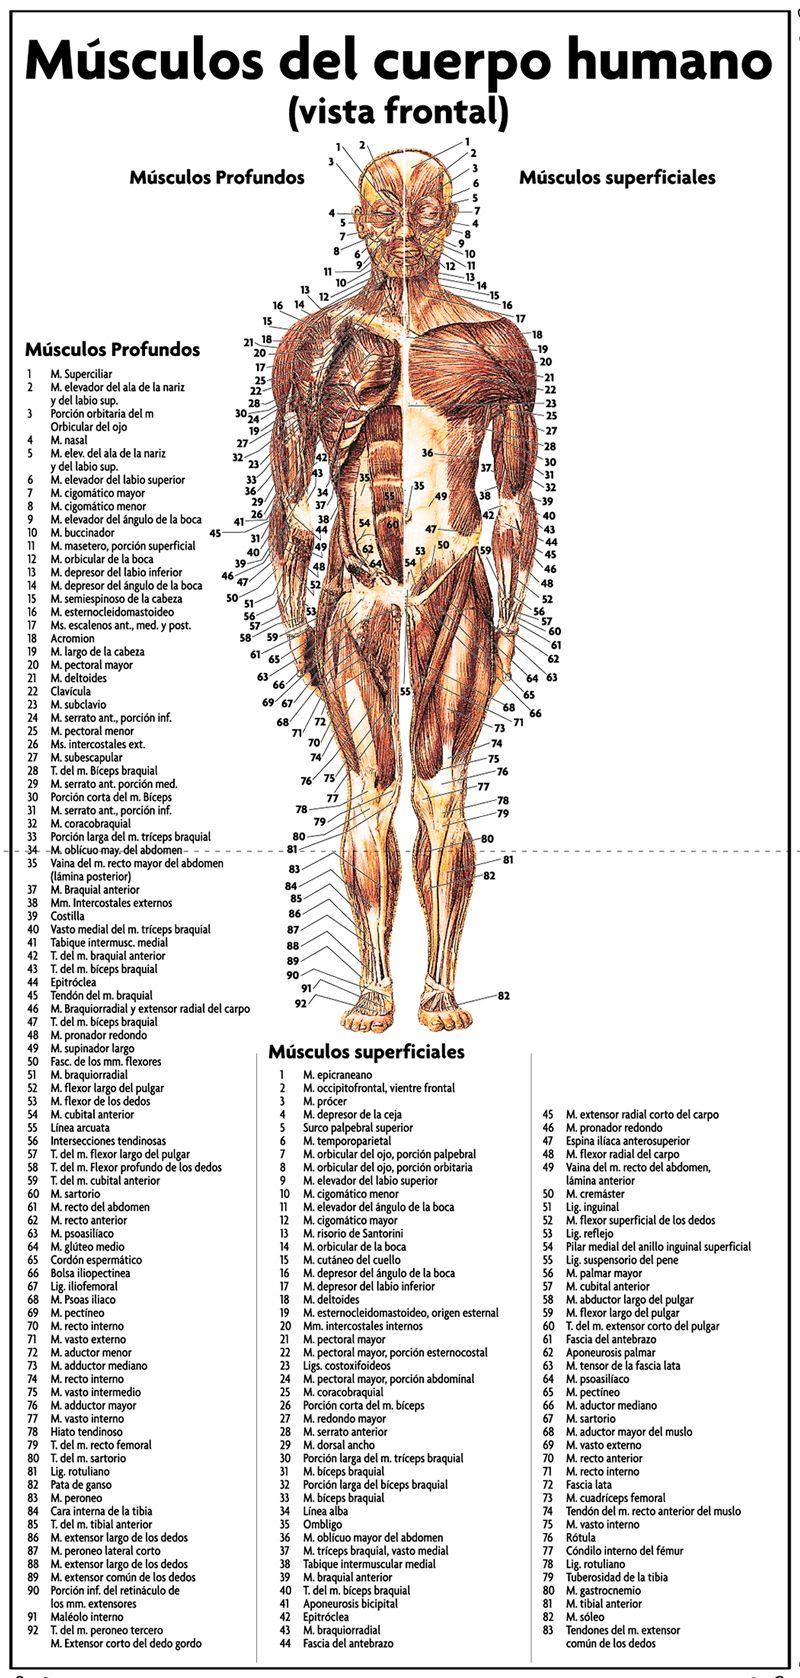 Después de una pequeña lesión muscular, esto te orienta en saber lo ...